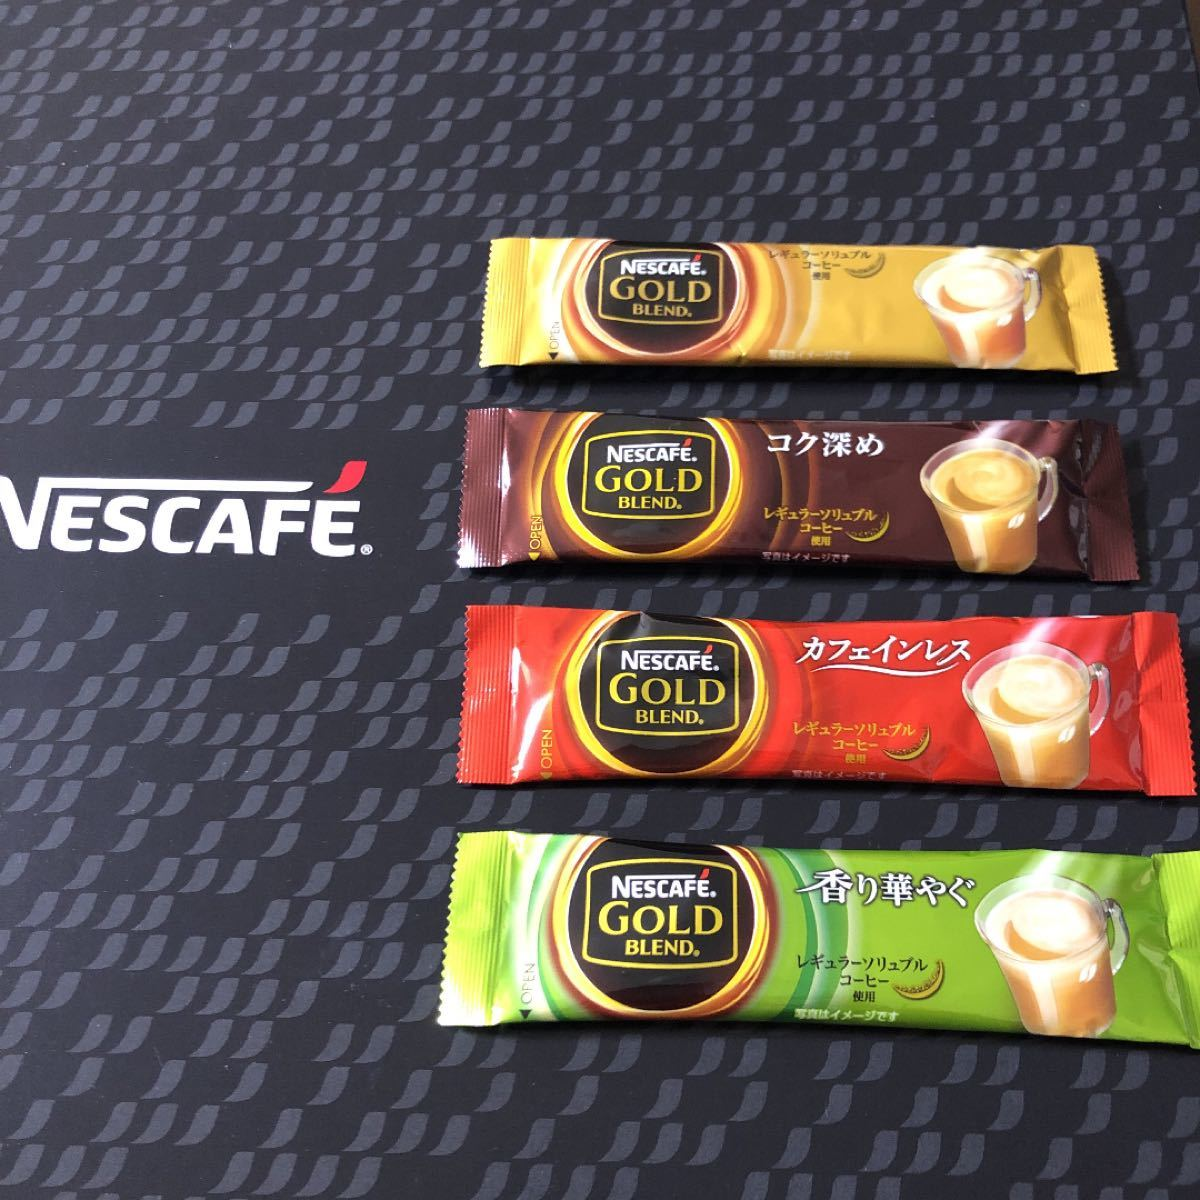 ギフト品 ネスカフェゴールドブレンドプレミアムスティックコーヒー 4種セット